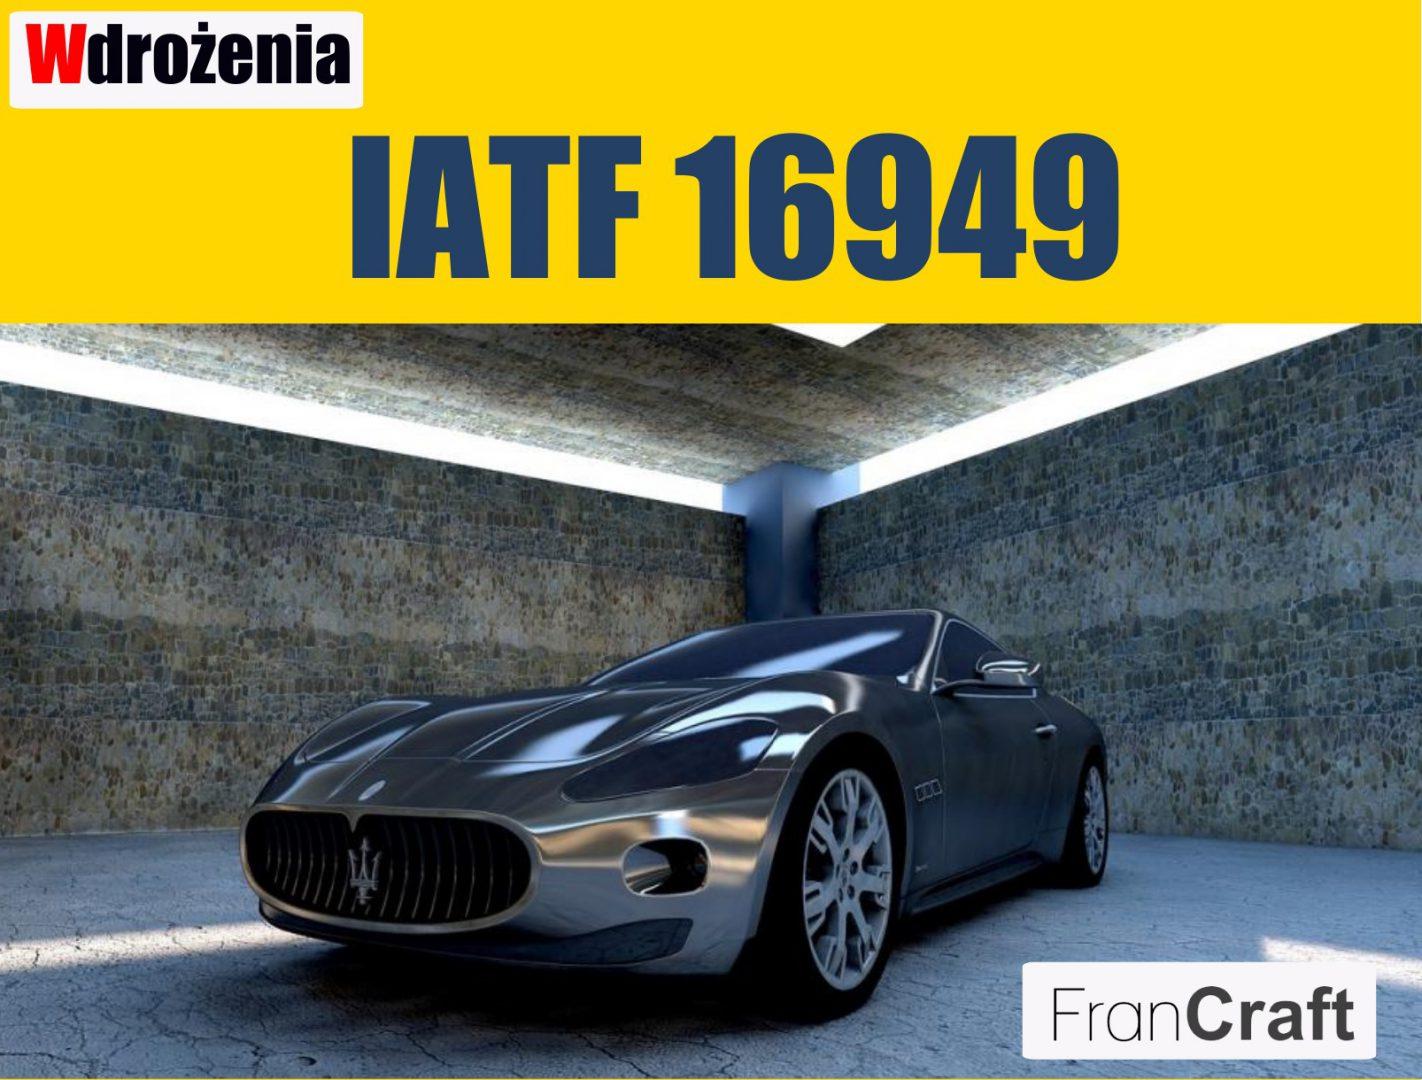 wdrażanie normy IATF 16949 zarządzanie jakością w branży automotive